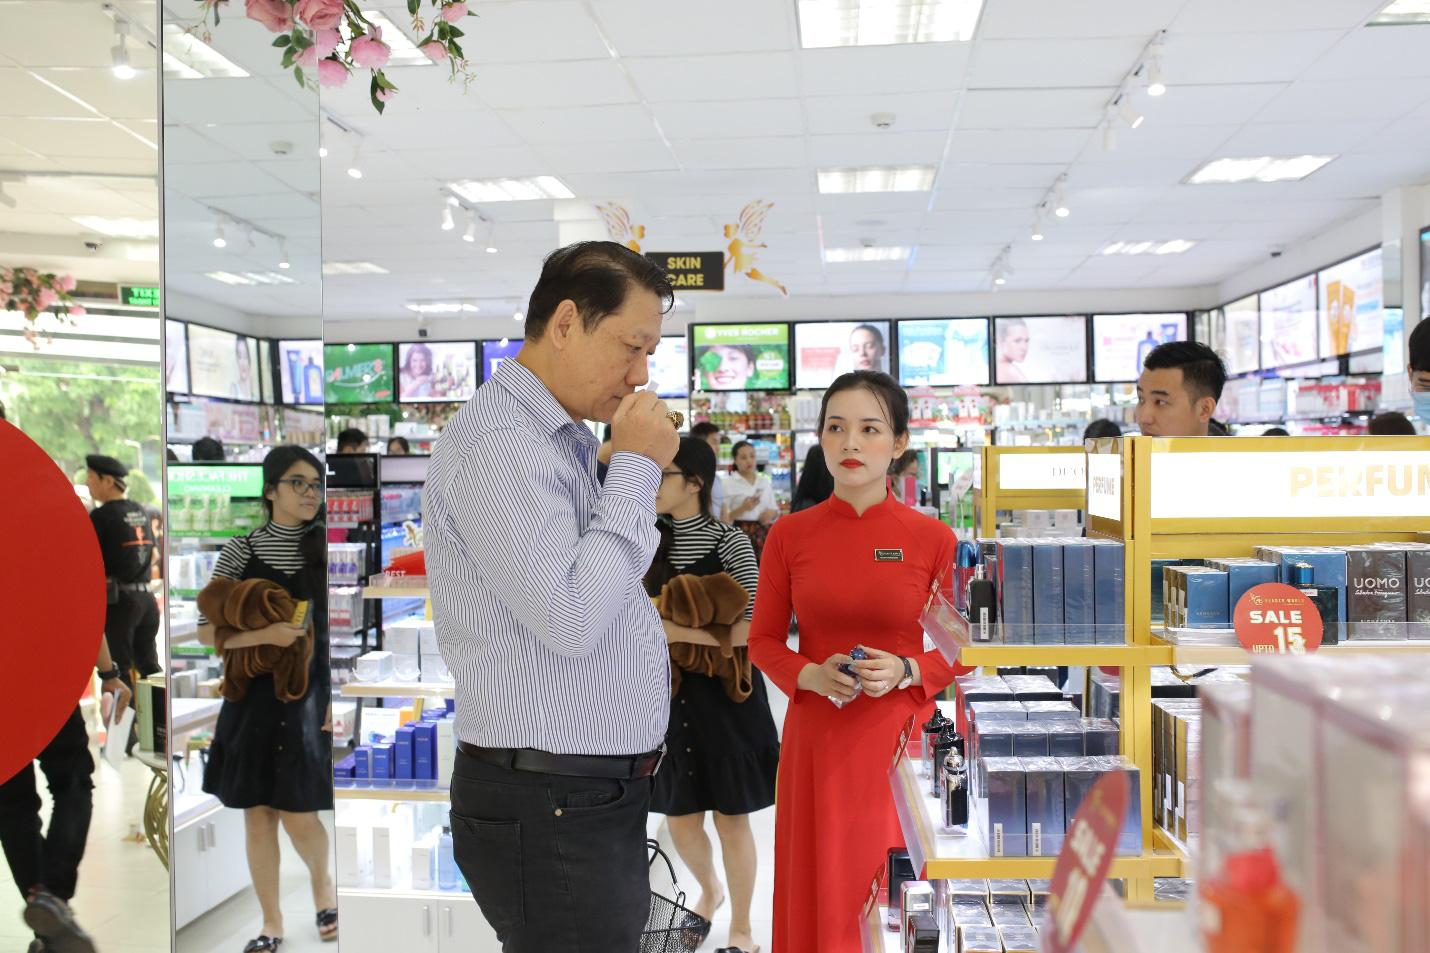 3.000 mỹ phẩm chính hãng giảm 50% giá nhân khai trương siêu thị AB Beauty World 3 - Ảnh 1.